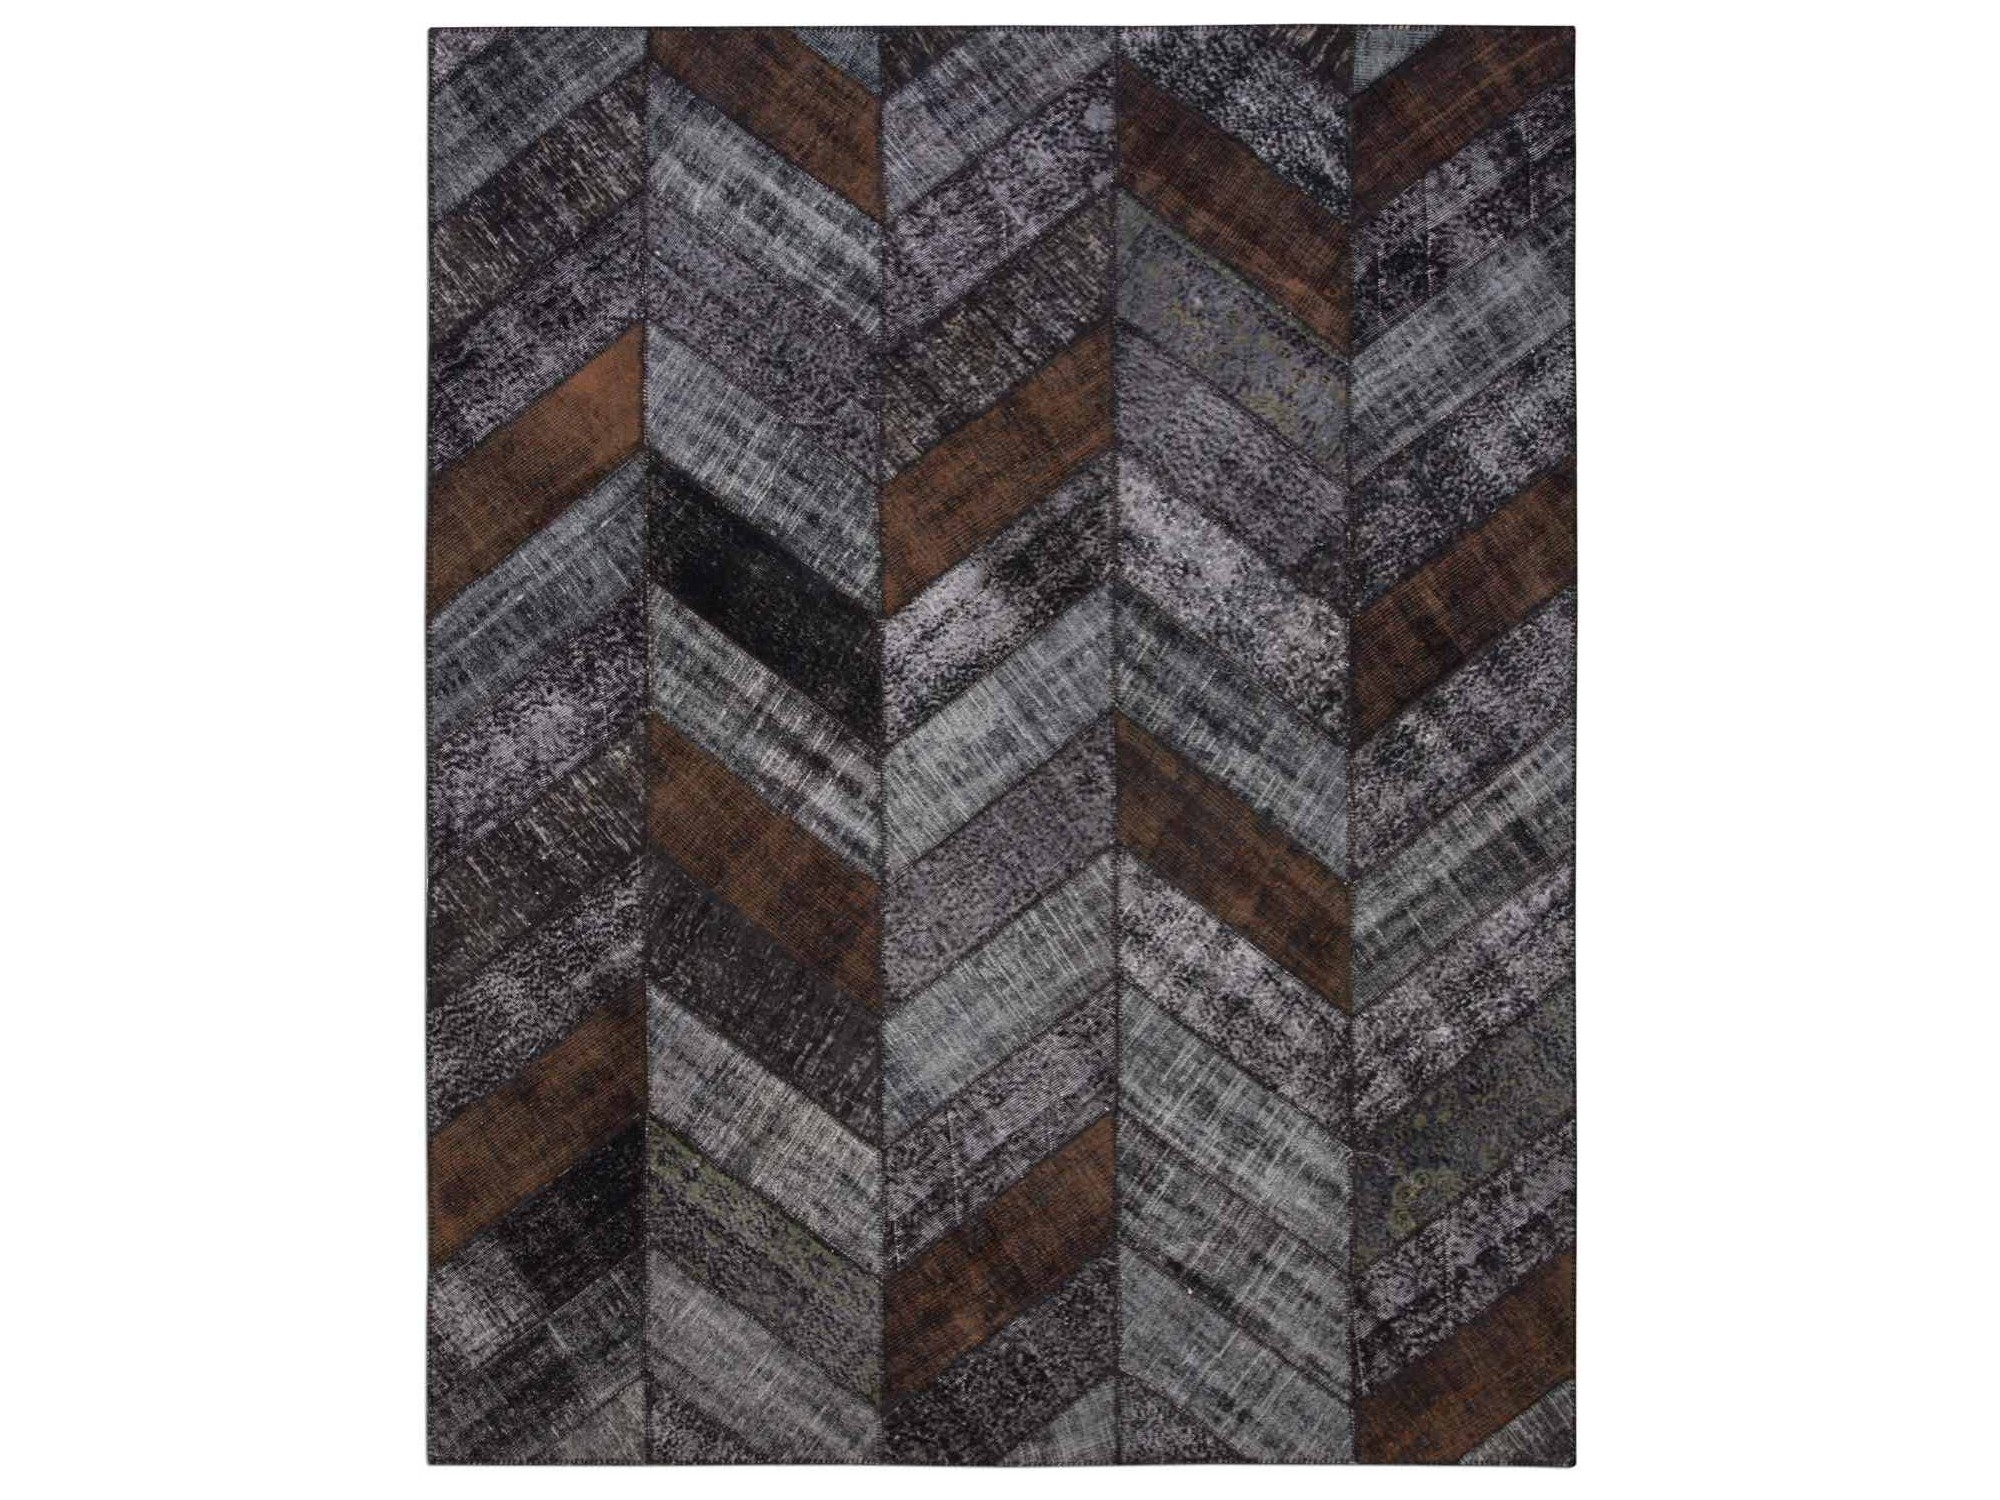 Ковер PatchworkПрямоугольные ковры<br>Винтажный ковер ручной работы в стиле &amp;quot;пэчворк&amp;quot; <br>из 100% шерсти. Ковер прекрасно подходит в <br>любые современные и классические интерьеры, <br>а благодаря толщине ковра всего 5 мм. и отсутствию <br>ворса, его легко чистить любыми видами пылесосов. <br>Этот настоящий ковер ручной работы не потеряет <br>своих красок и будет служить десятилетия.<br><br>Material: Шерсть<br>Ширина см: 247<br>Глубина см: 310